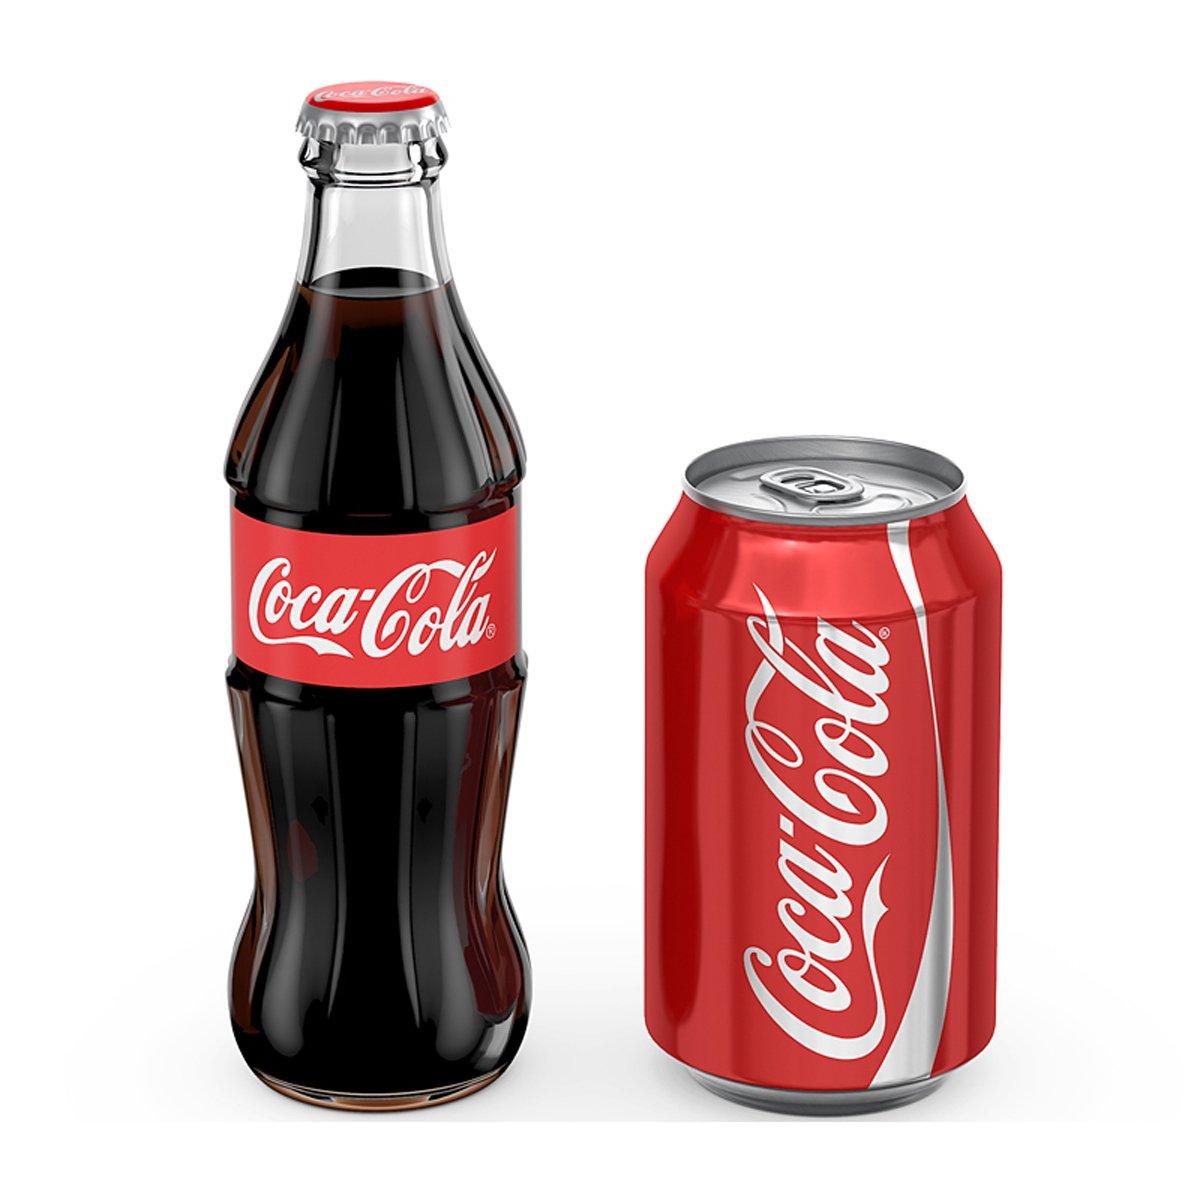 coca cola sostac model